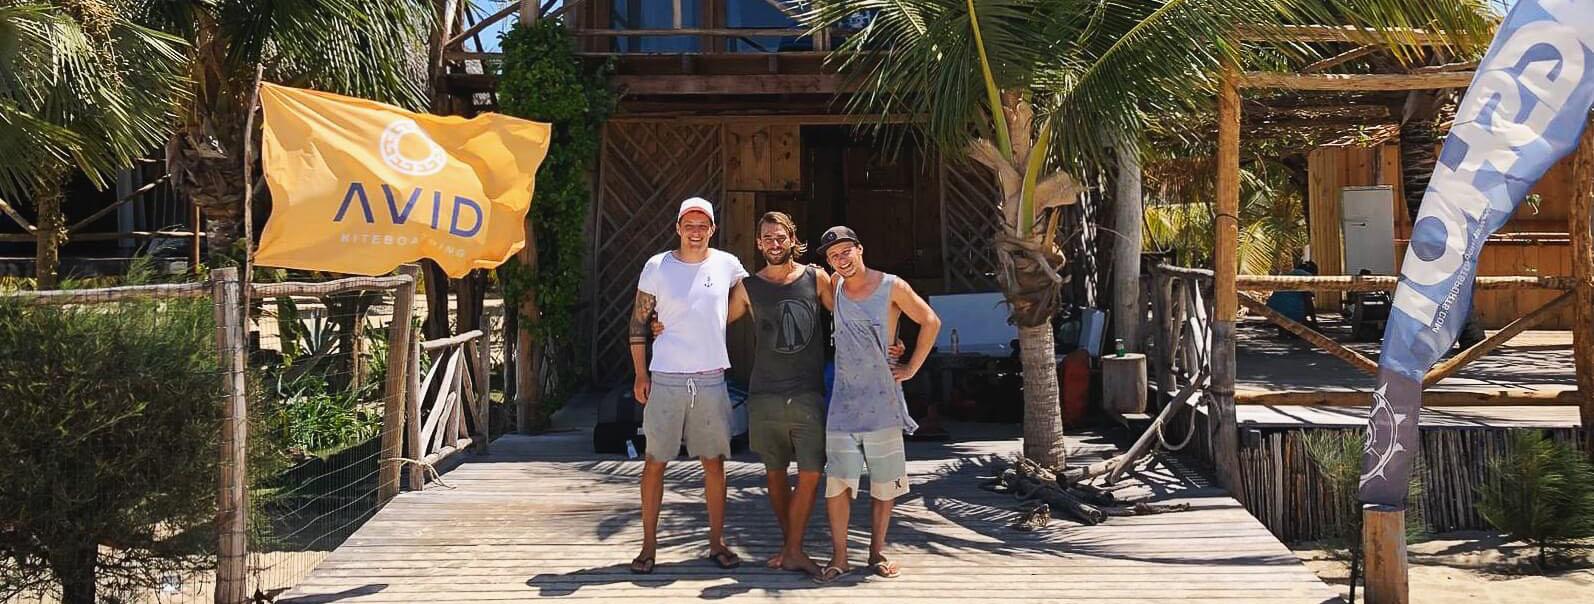 Das Team von Avid Kiteboarding in Brasilien